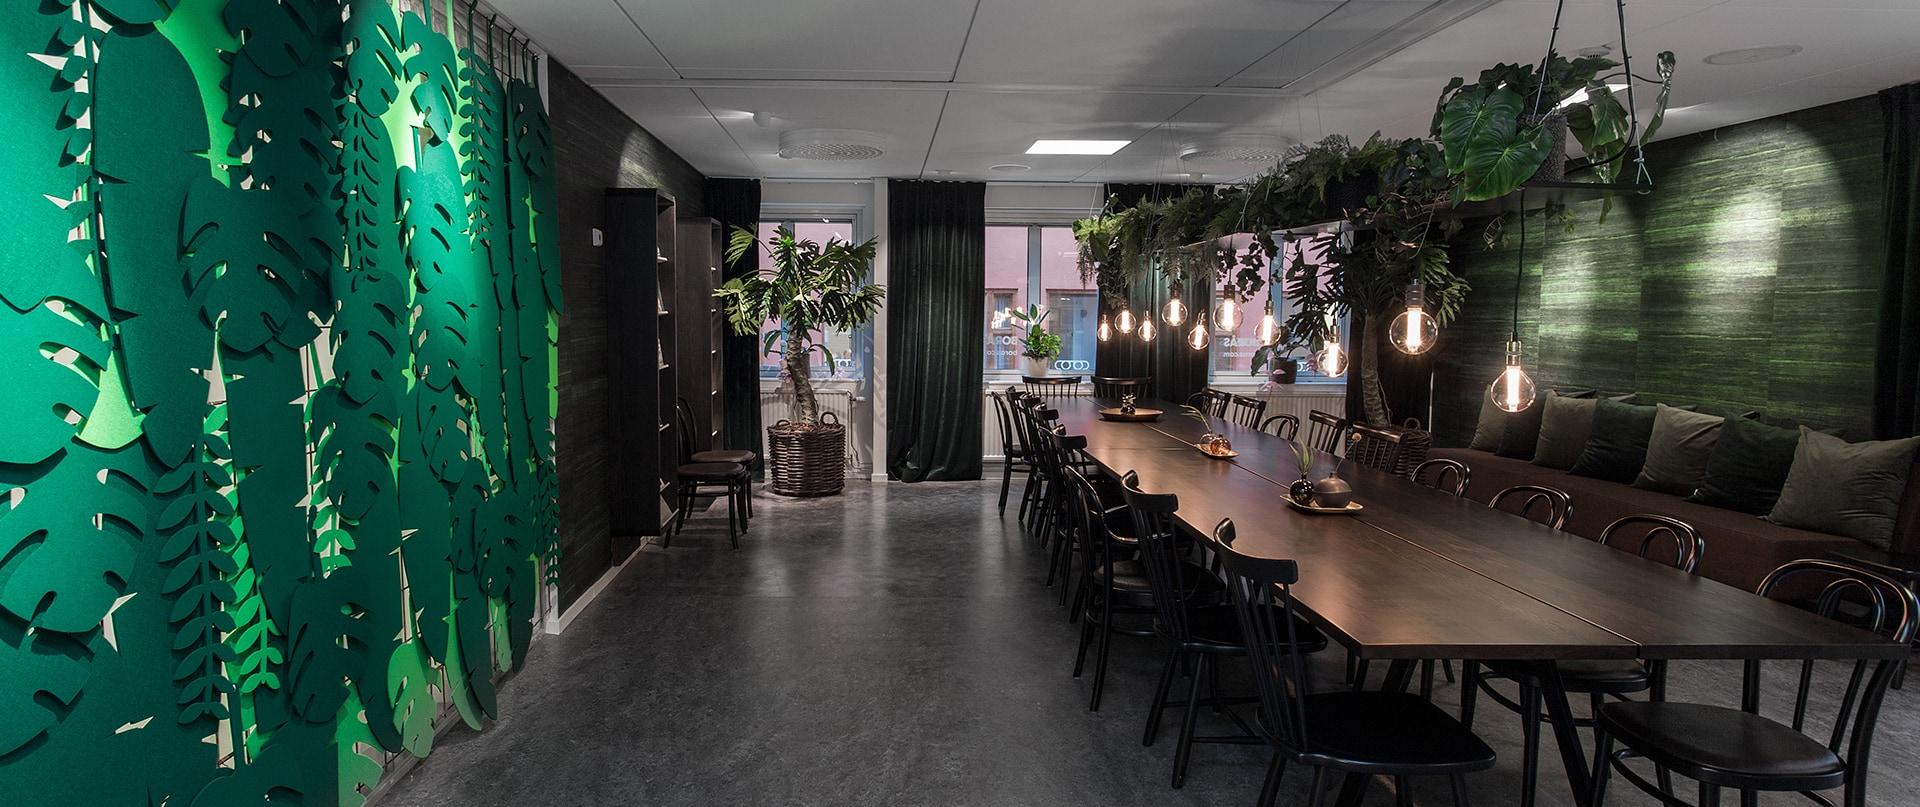 Stort och växtligt samlingsrum